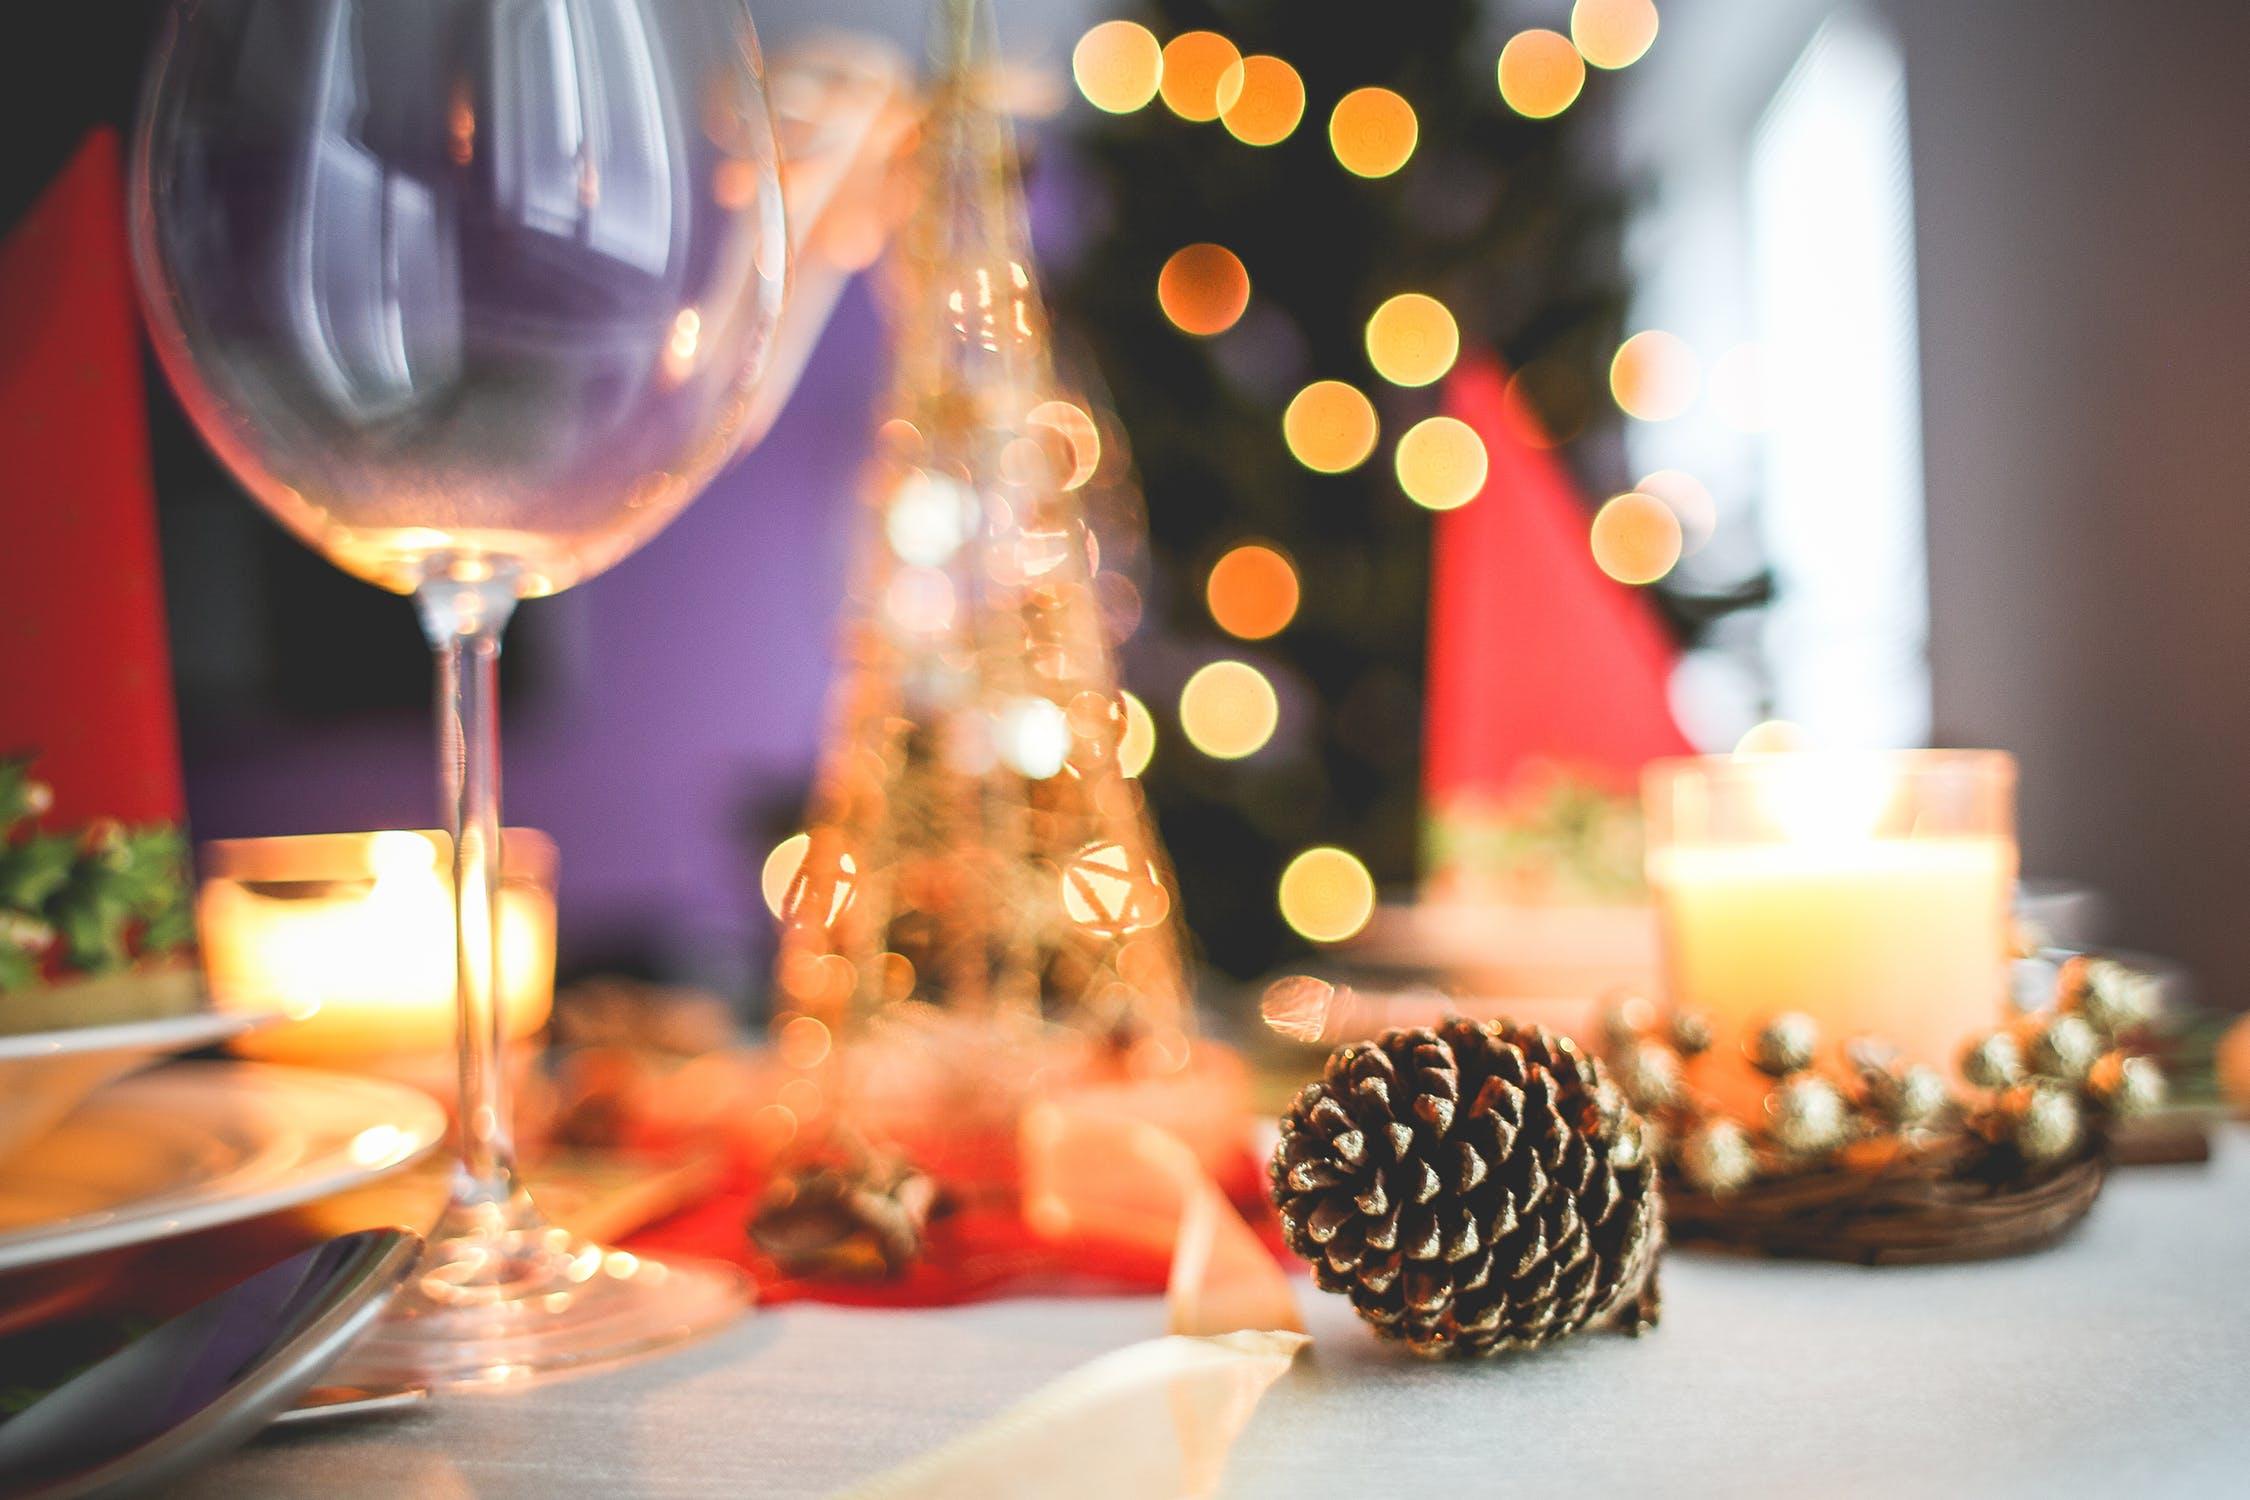 tradições de natal em portugal - foto pexels - capa - mesa